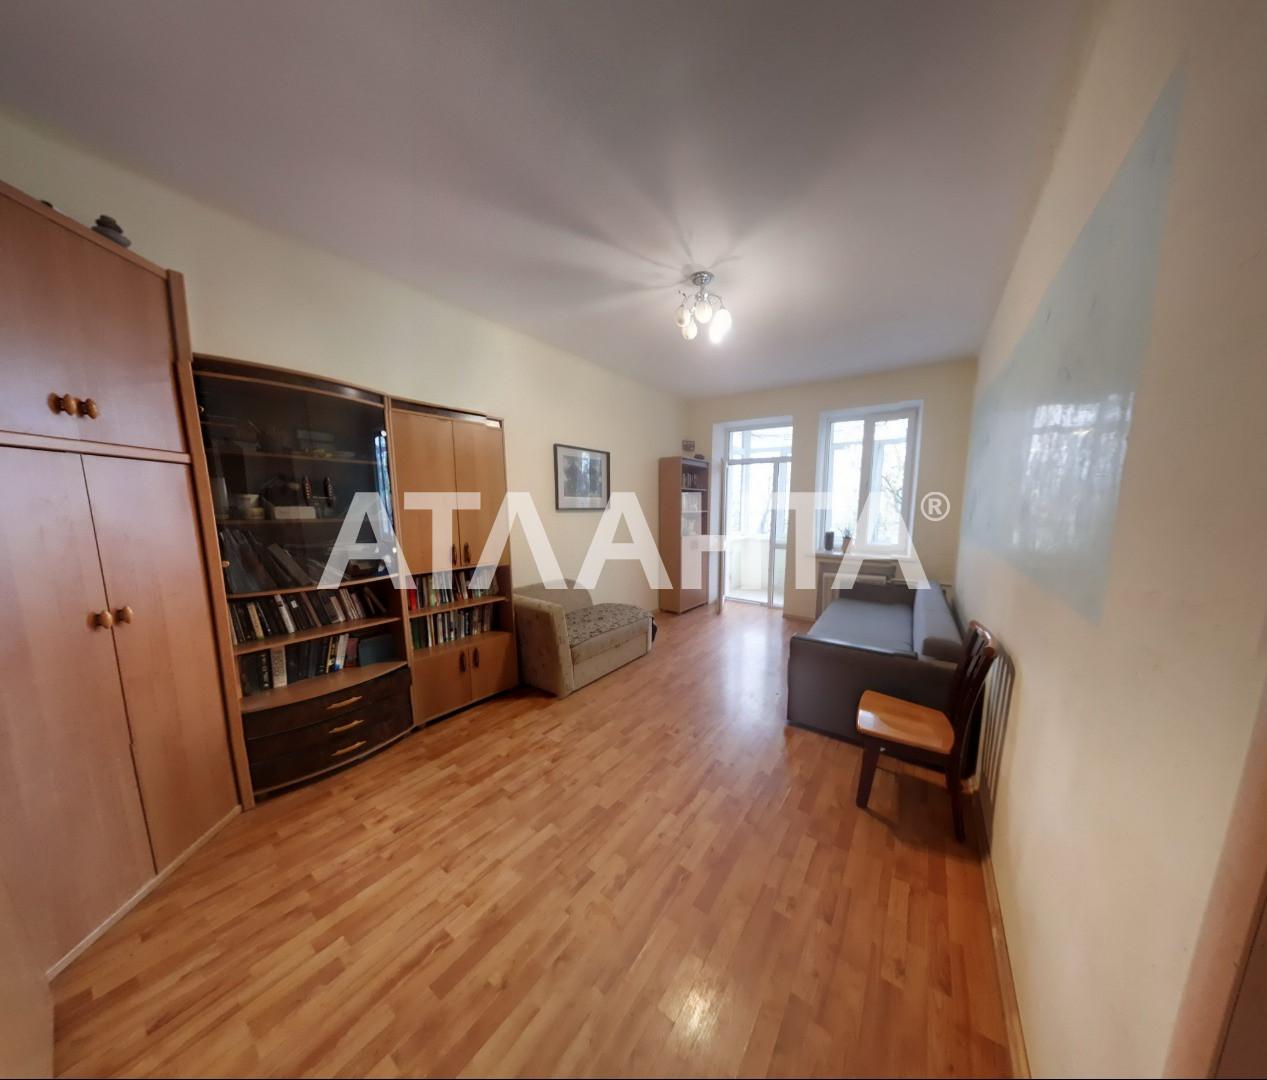 Продается 3-комнатная Квартира на ул. Просп.Науки — 64 900 у.е. (фото №2)